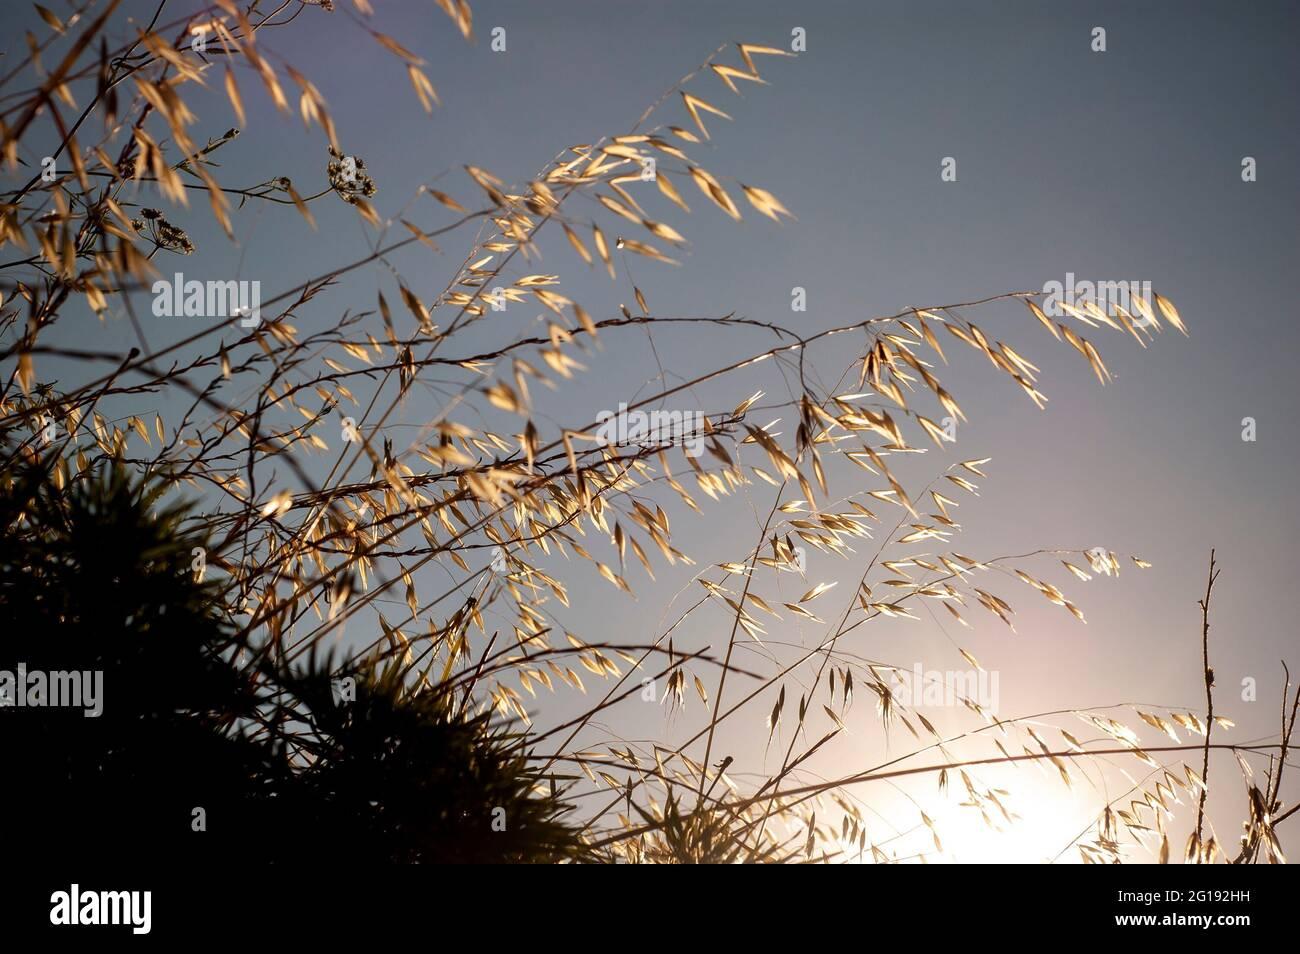 Magnifique fond d'herbe sèche et apaisante. Vue sur l'herbe sèche au lever du soleil Banque D'Images